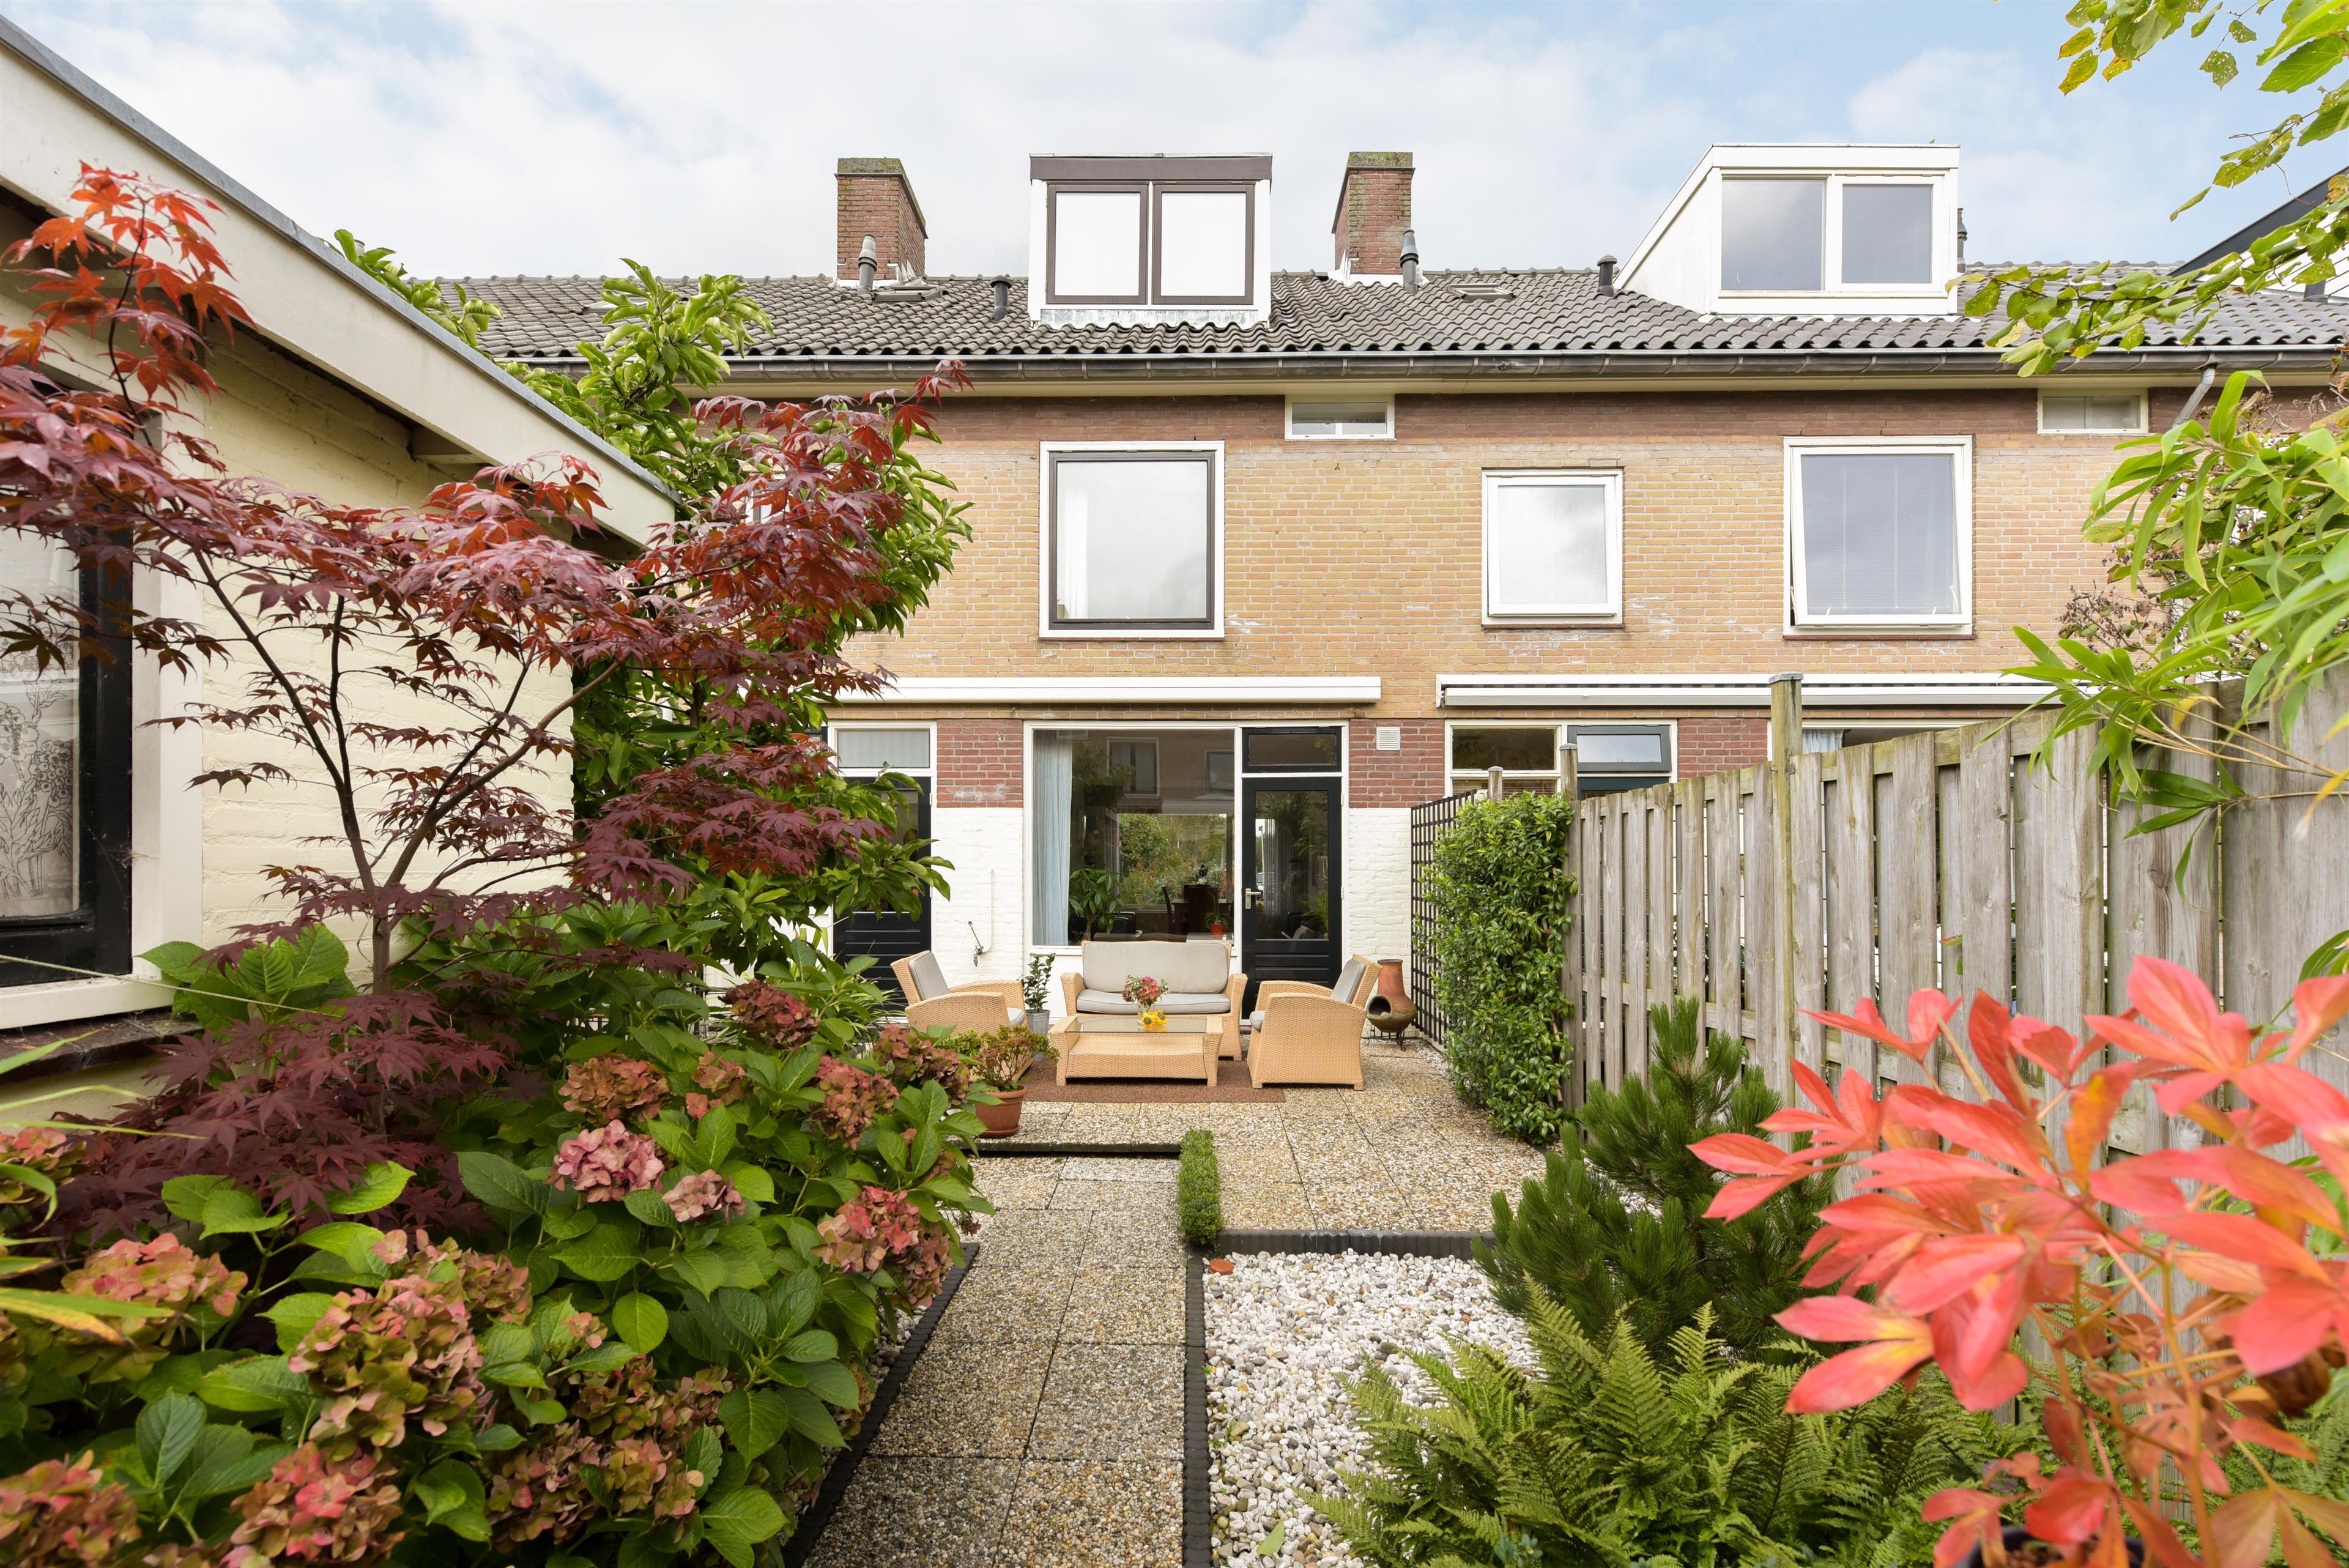 Te koop: Meeuwenlaan 40, Sint Pancras - Hoekstra en van Eck - Méér ...